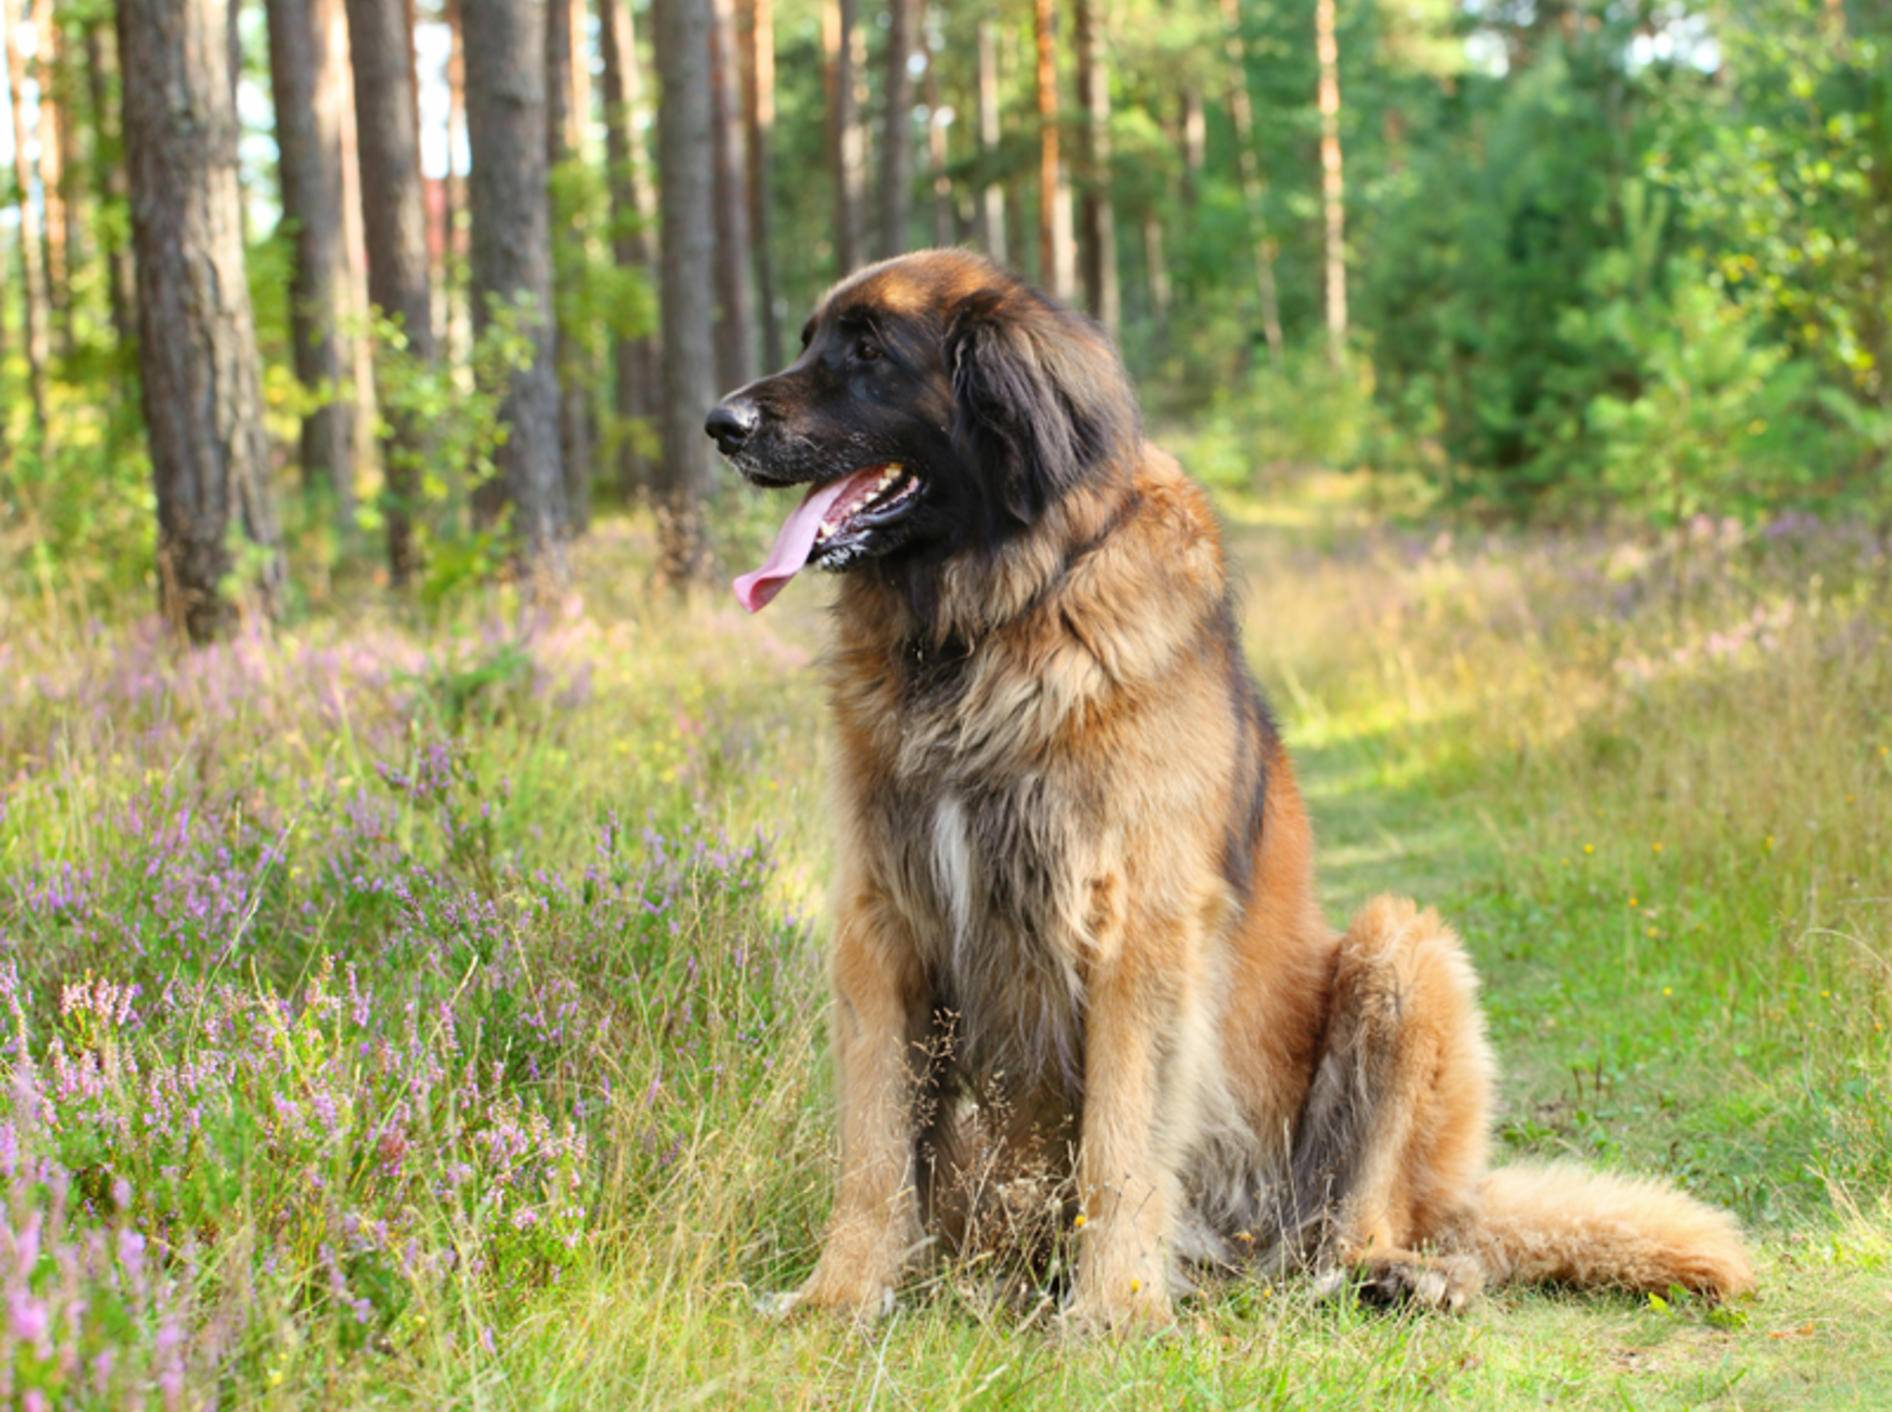 Große Hunde wie der Leonberger sind anfällig für bestimmte Krankheiten – Shutterstock / Jagodka